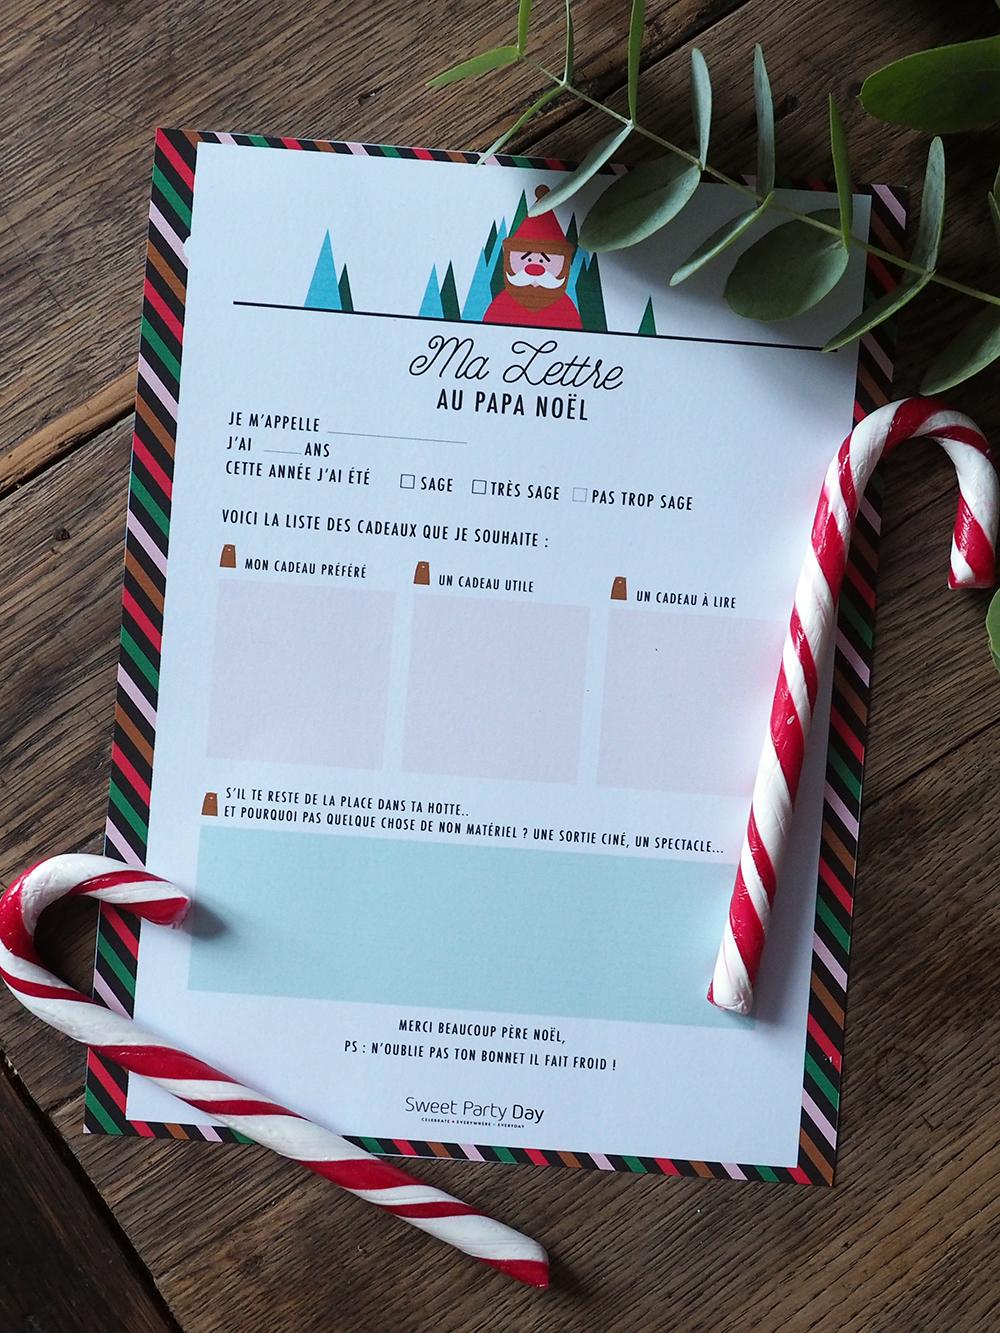 Lettre au Père Noel à télécharger et à imprimer gratuitement - Sweet Party Day